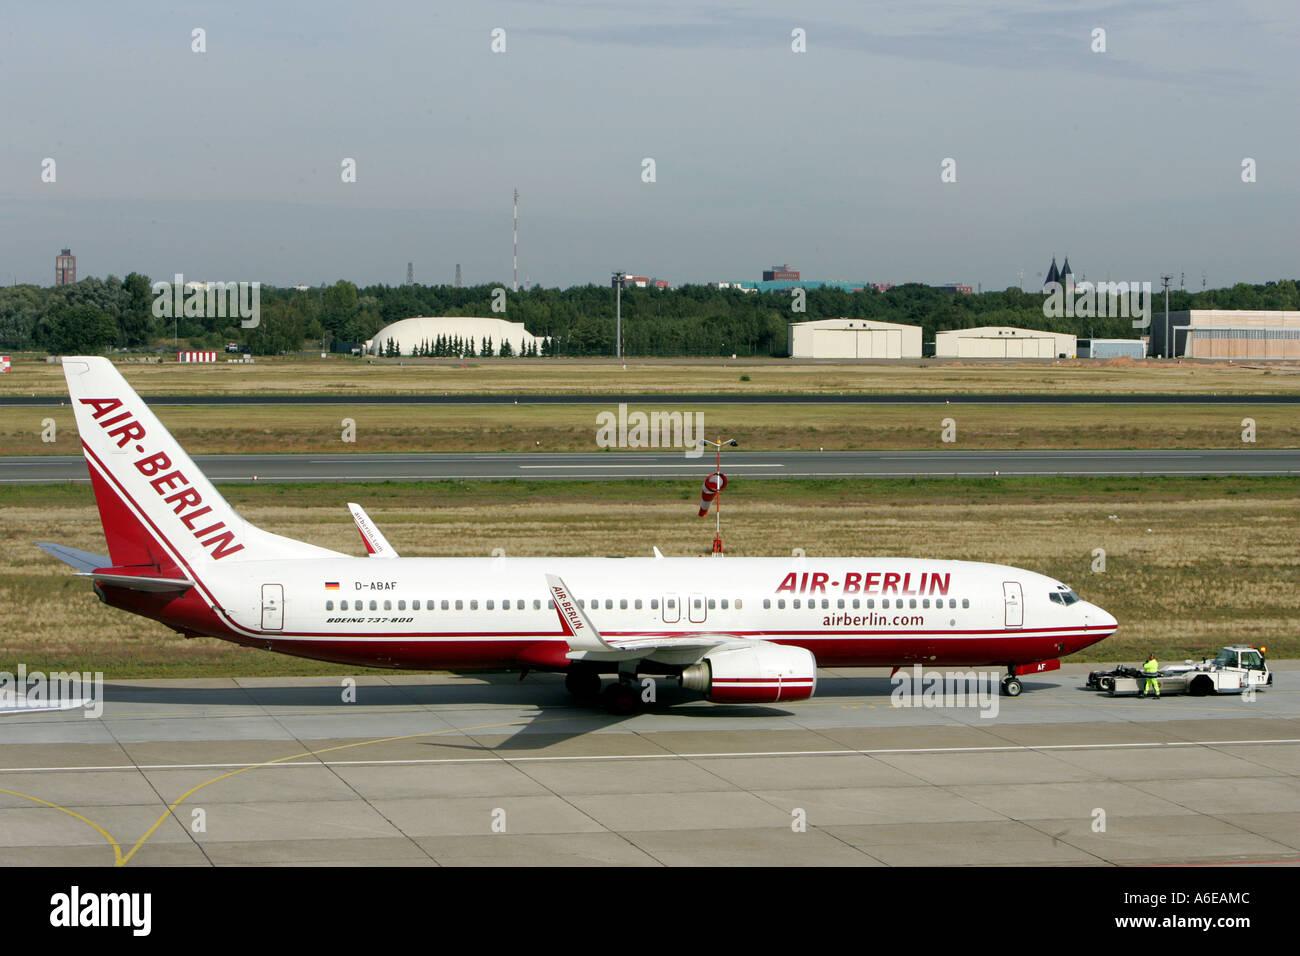 Air Berlin airplane at Tegel airport, Berlin - Stock Image